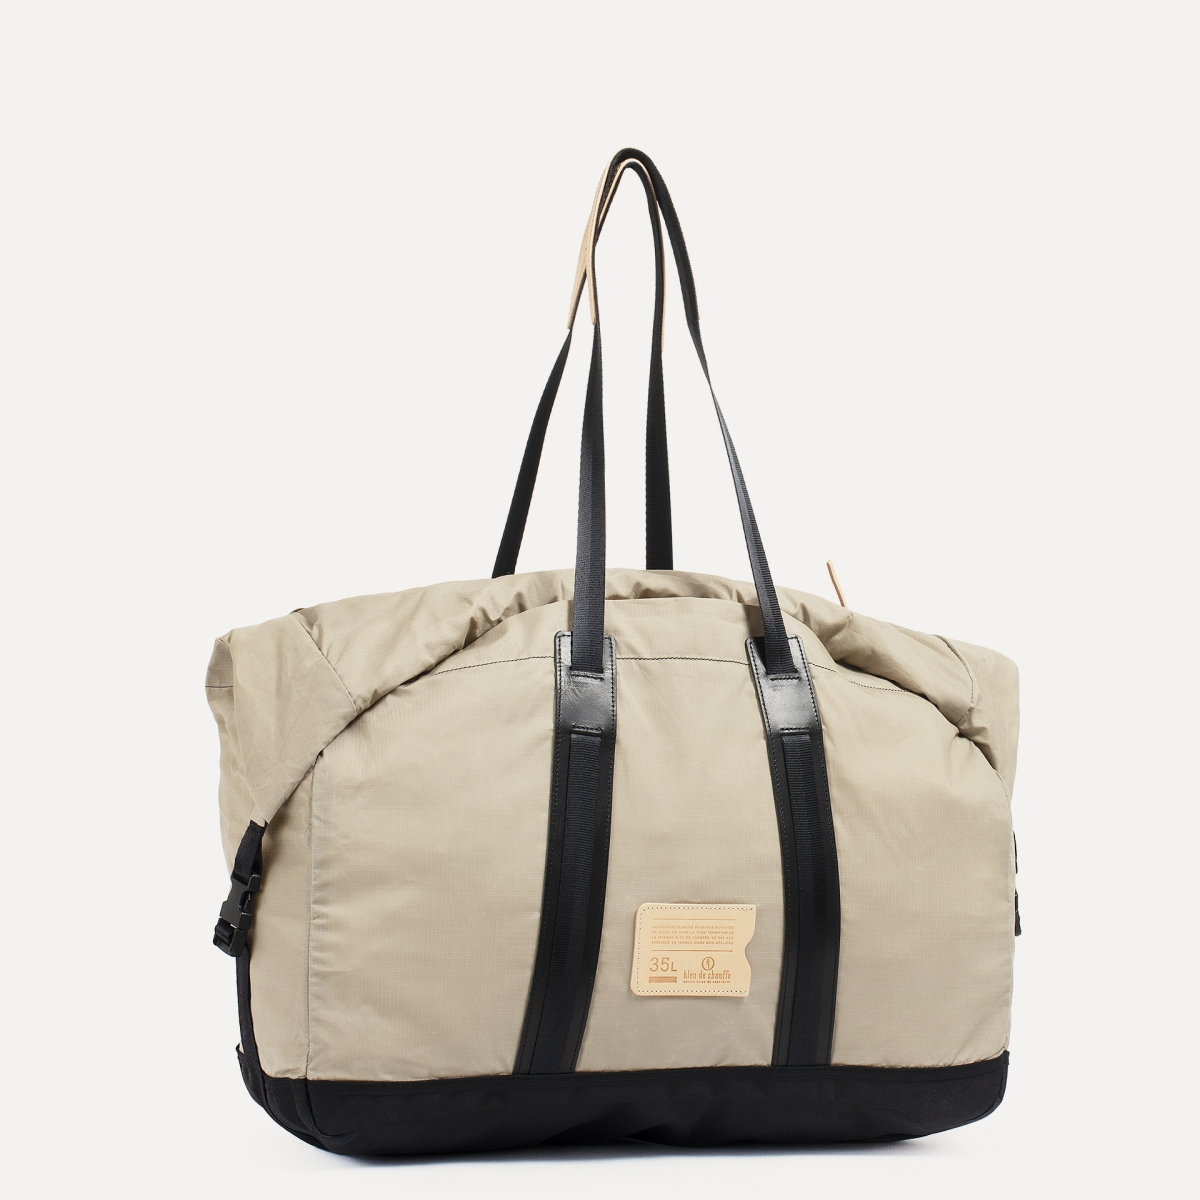 35L Baroud Travel bag - Beige (image n°2)